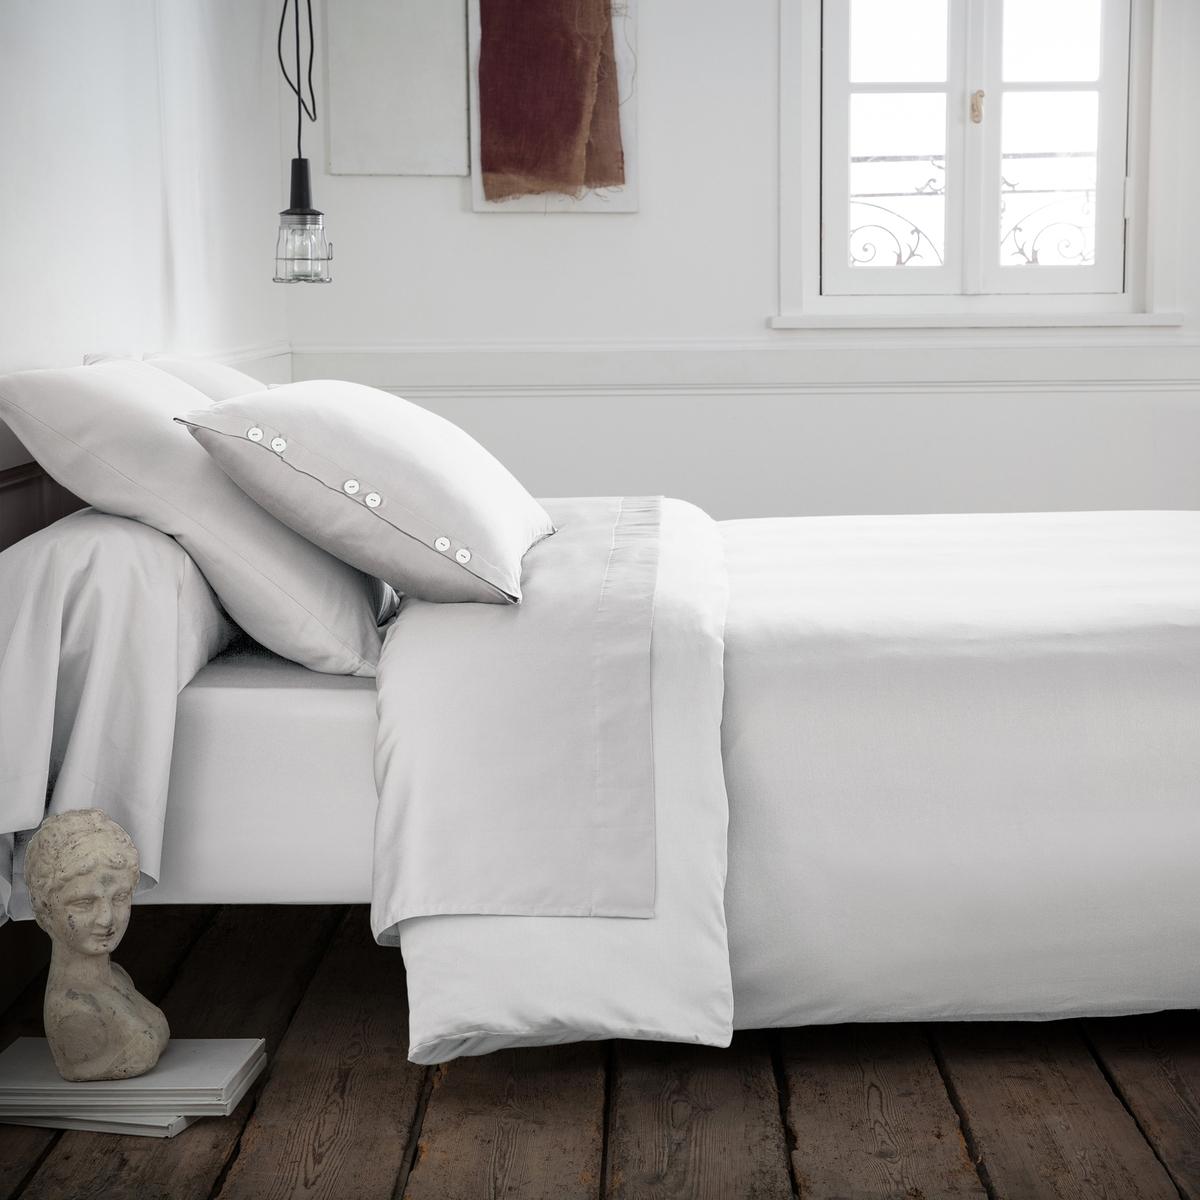 Наволочки на подушку-валик из однотонного хлопкового сатинаНаволочки на подушку-валик из сатина 100% хлопка, шелковистой, эластичной и мягкой ткани  . Описание наволочки :отделка перламутровыми пуговицами.Из 100% мягкого хлопка с ультраплотным переплетением нитей (118 нитей/см?). Чем плотнее переплетение нитей/см?, тем выше качество материала.Стирка при 60°, легкая глажка.Наволочки качества BEST, гарантия 2 годаЗнак Oeko-Tex® гарантирует отсутствие вредных для здоровья человека веществ в протестированных и сертифицированных изделиях.Наволочка на подушку-валик  :85 x 185 смВесь набор постельного белья вы можете найти на сайте laredoute.ru<br><br>Цвет: зелено-голубой,красный/ бордовый,темно-серый<br>Размер: 85 x 185 см